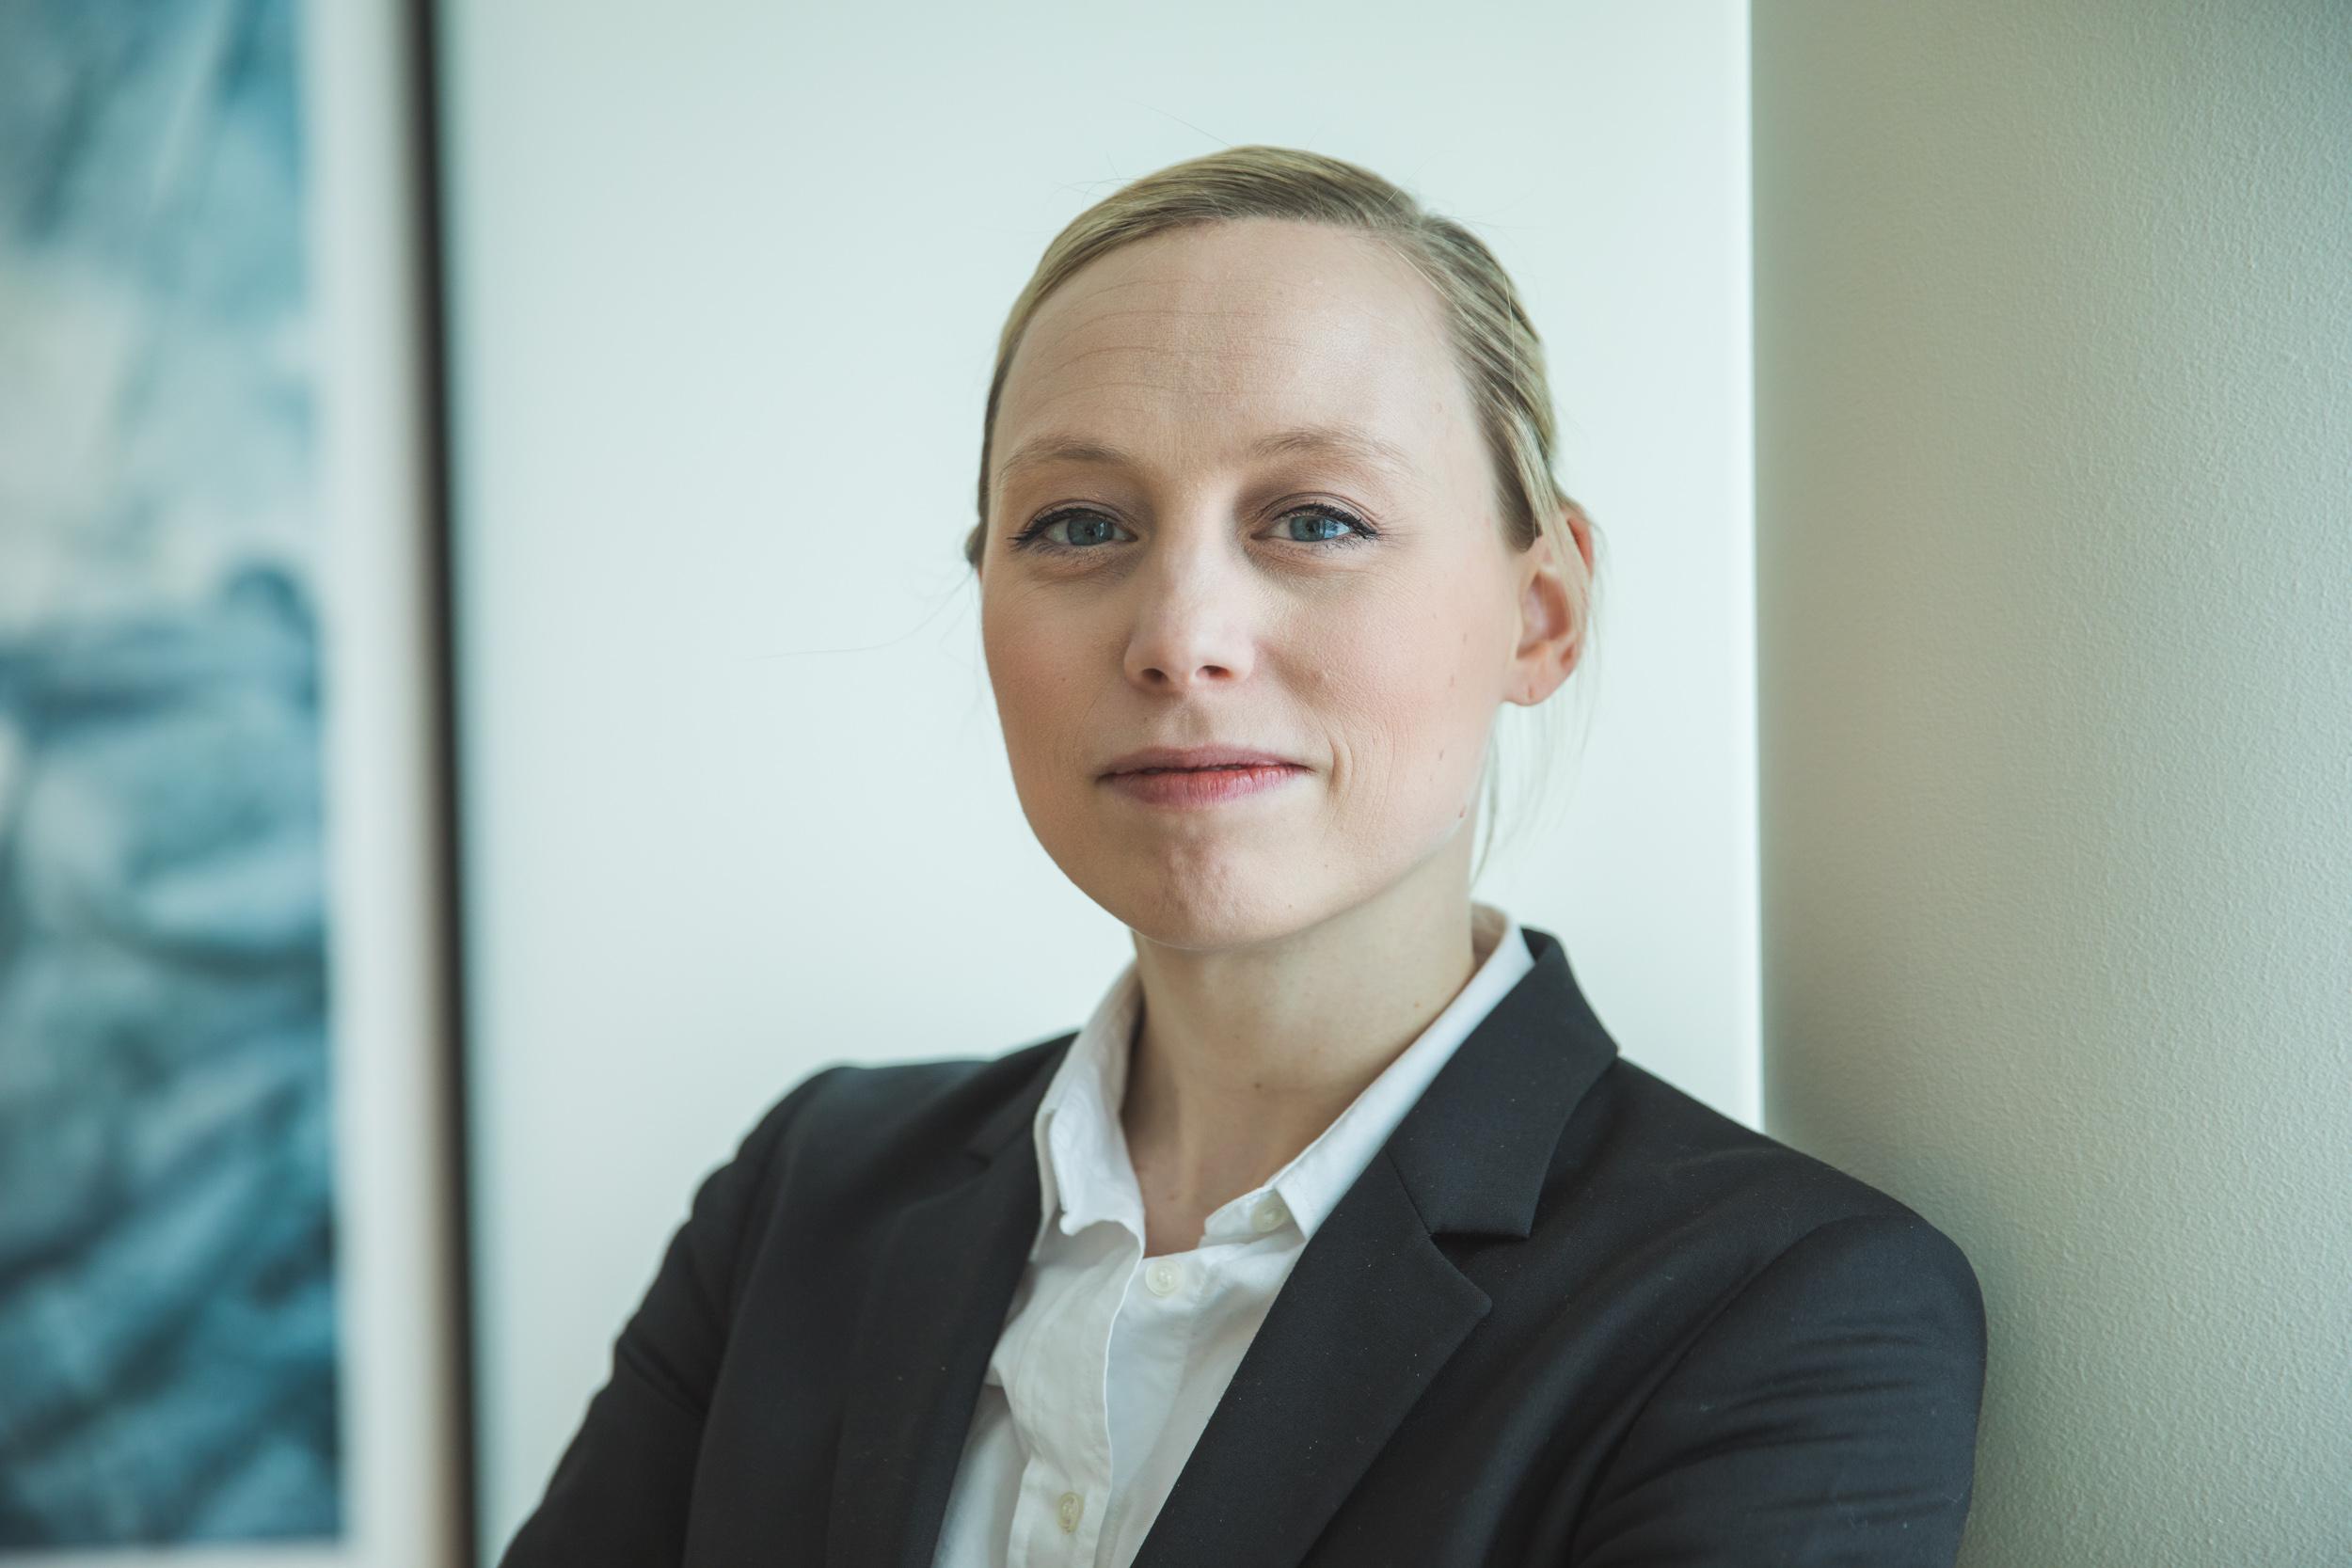 Miriam T. Wennberg